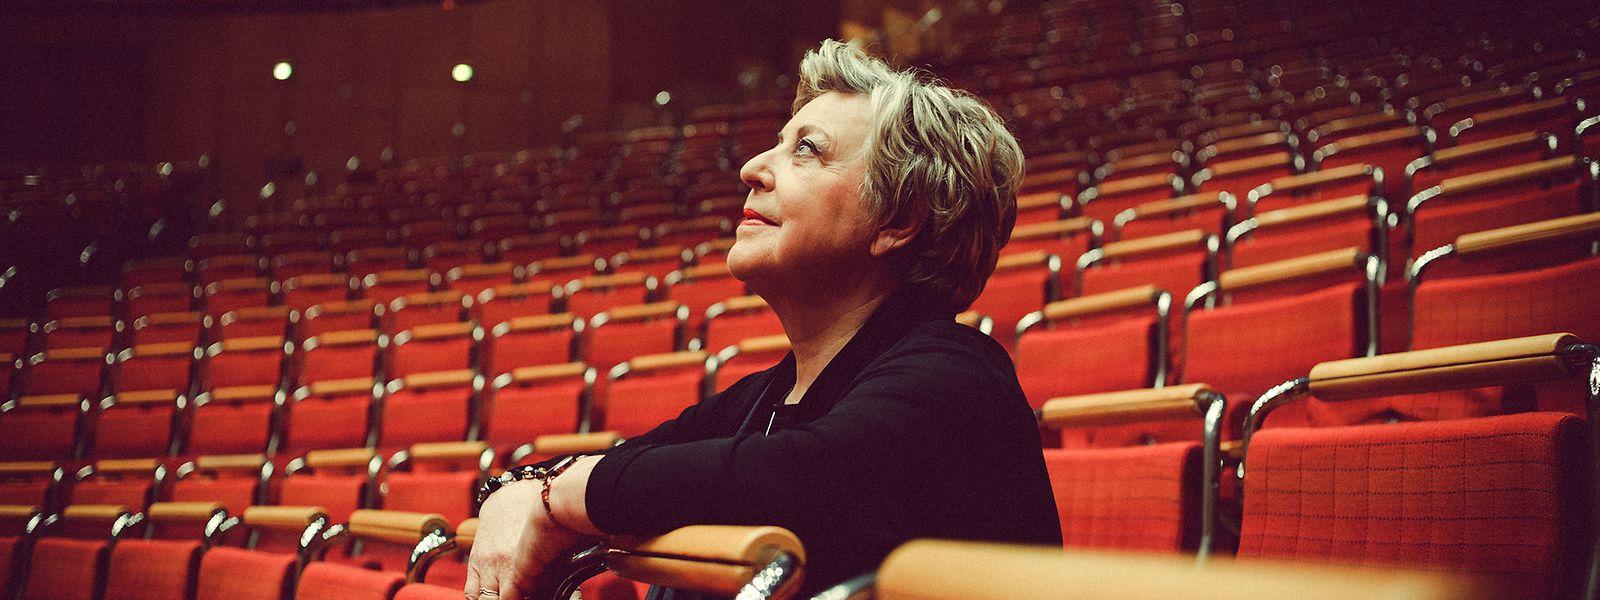 """Blickt hoffnungsvoll in die Zukunft: Marie-Luise Marjan möchte auch mit 79 Jahren nicht zum alten Eisen gezählt werden. Die Schauspielerin will nach dem Ende der TV-Kultserie """"Lindenstraße"""" weiterhin vor der Kamera stehen."""